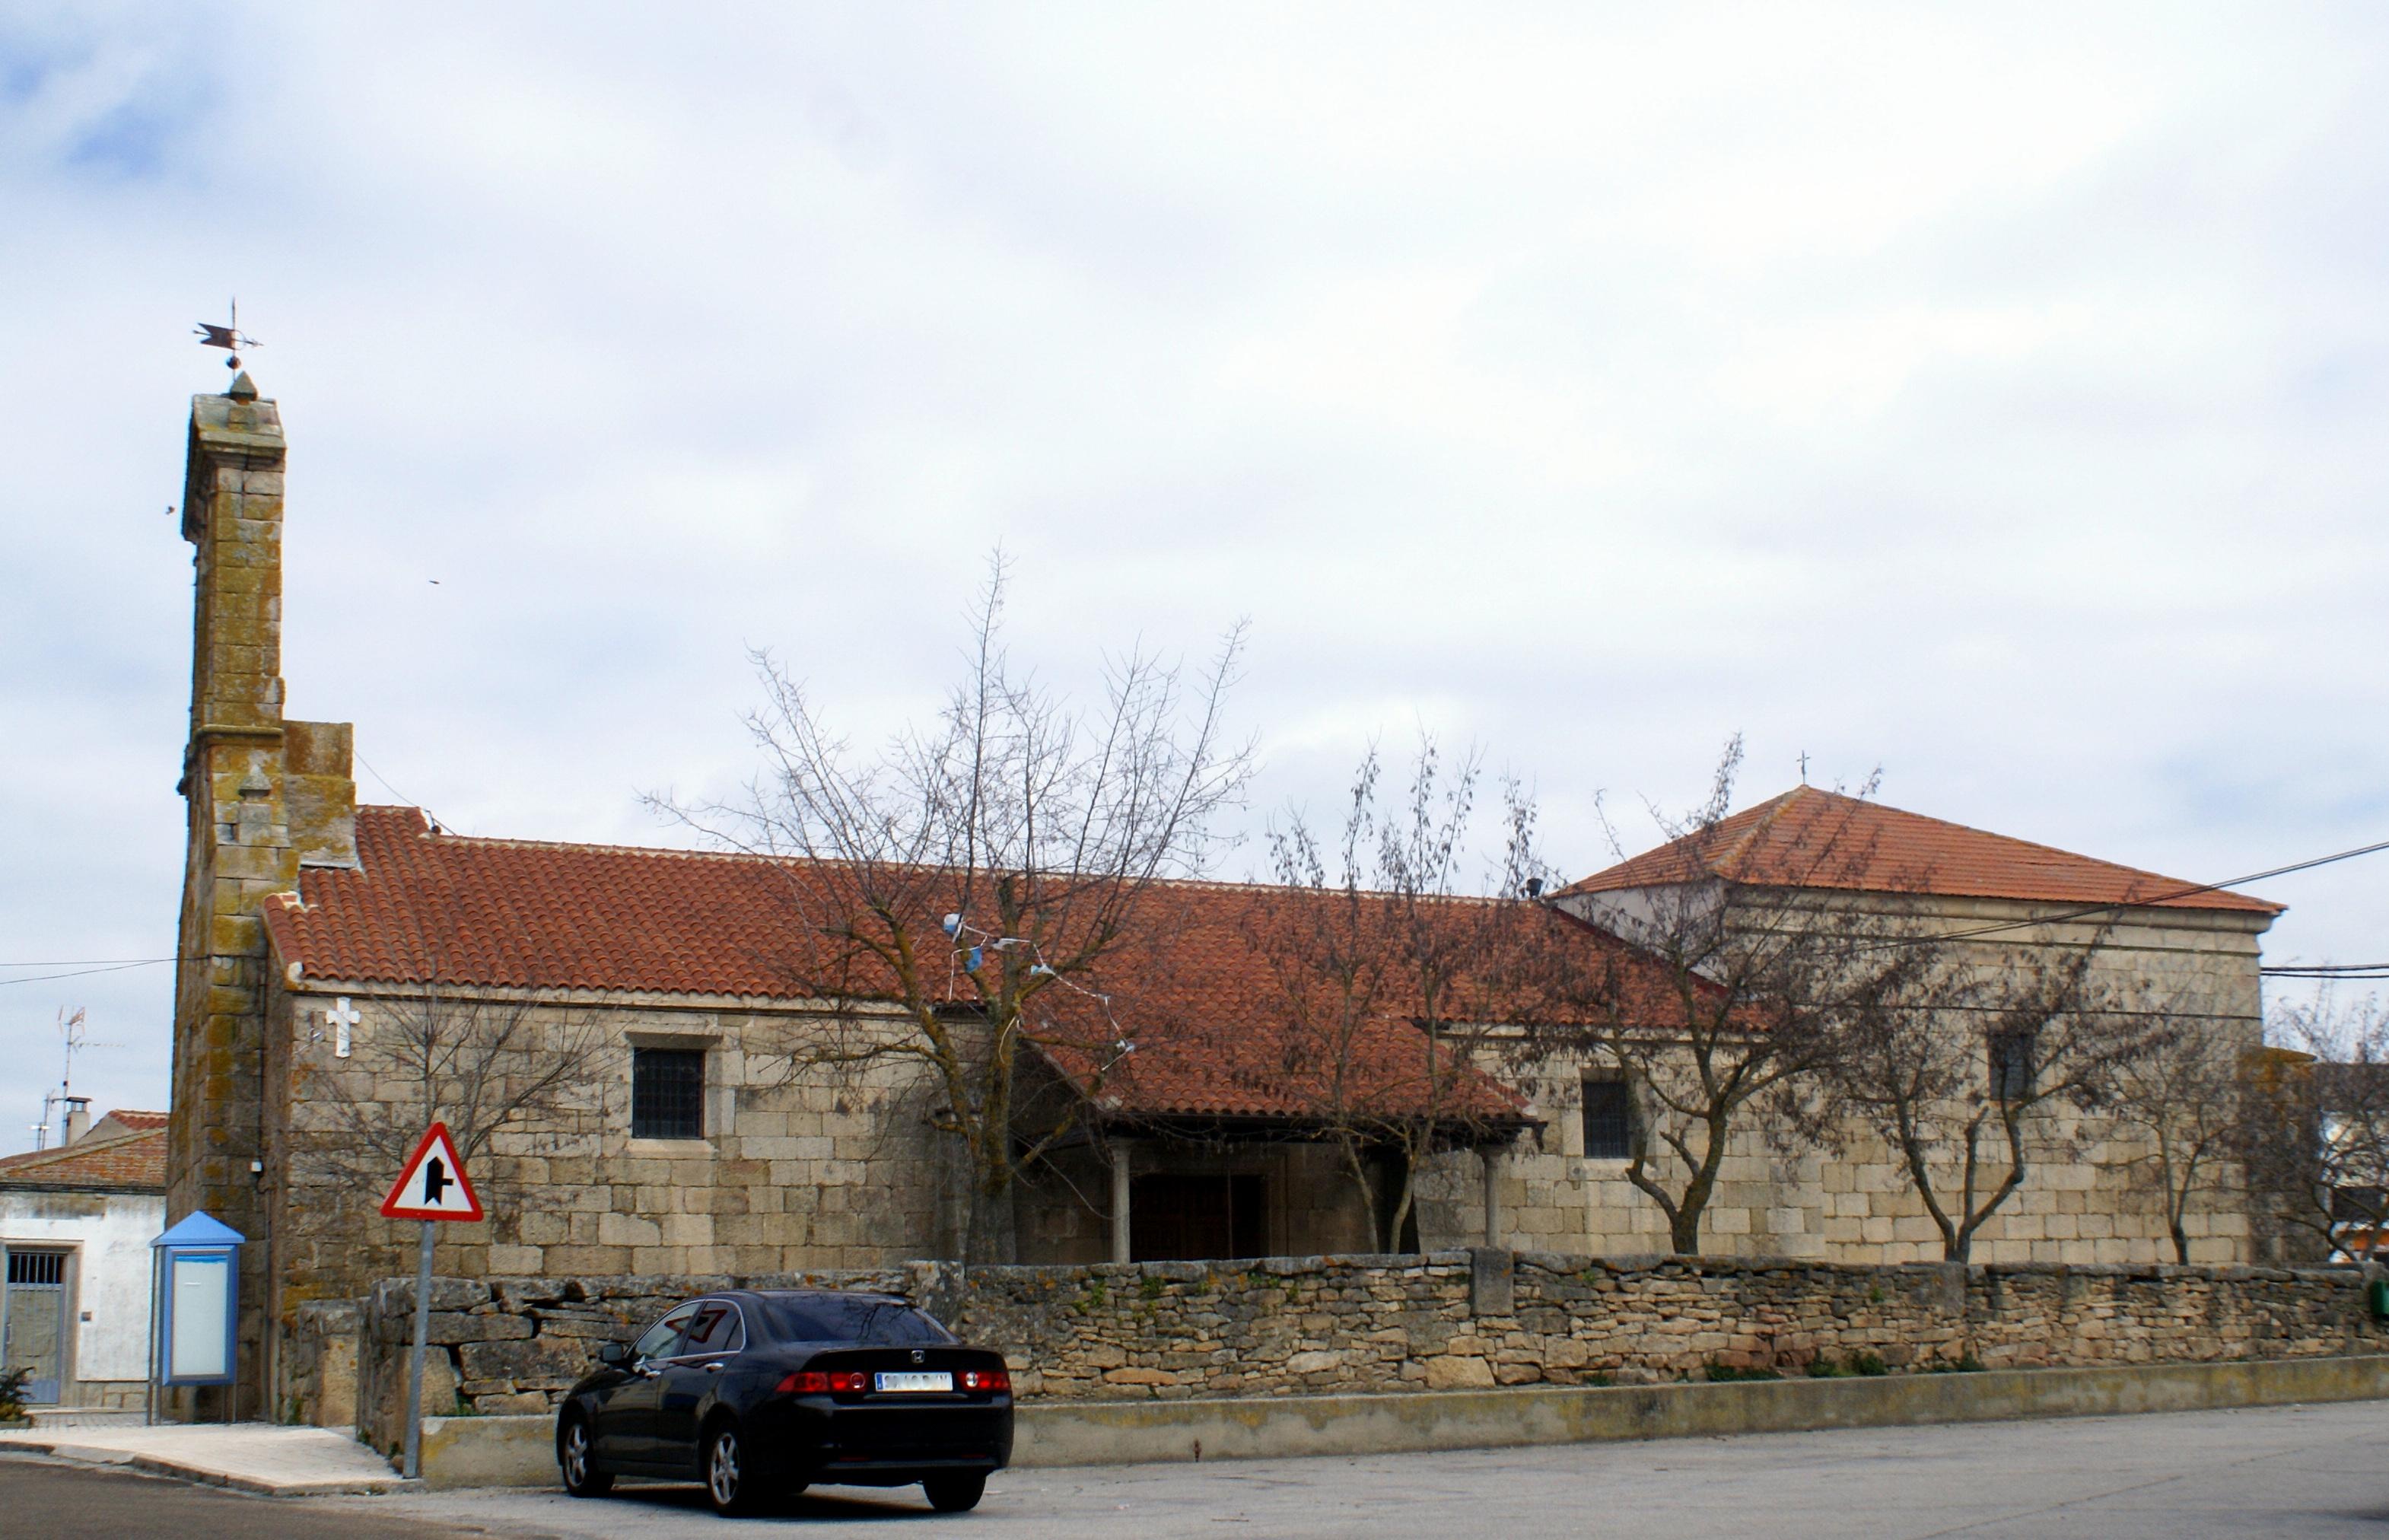 Villar de Peralonso